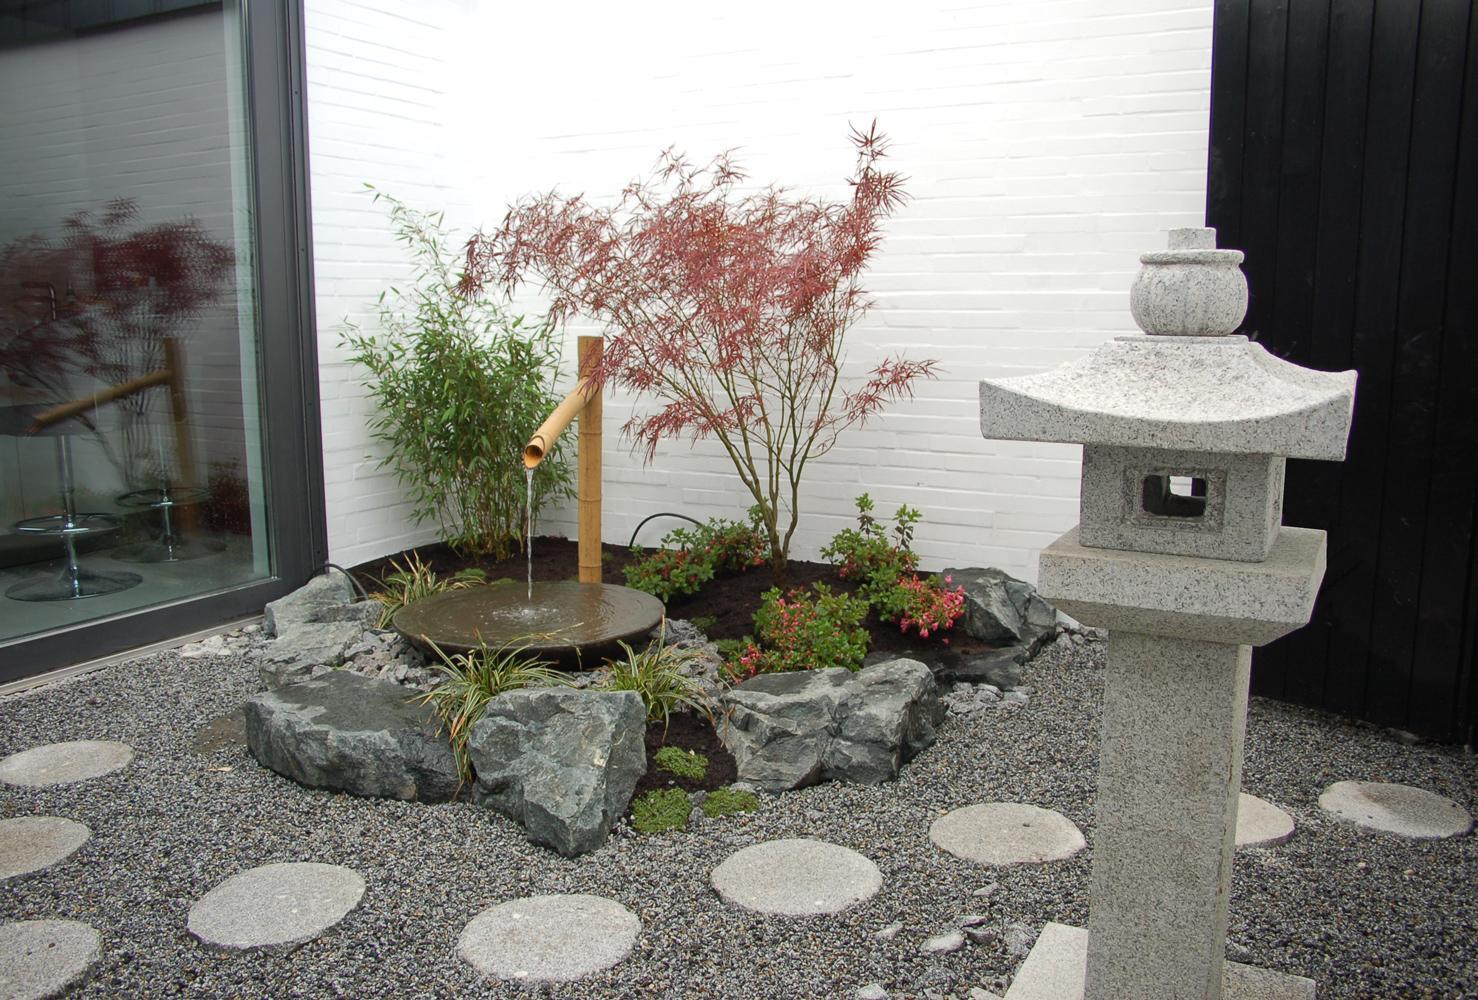 Japanisches Wasserspiel Selber Bauen Finest Tsukubai With